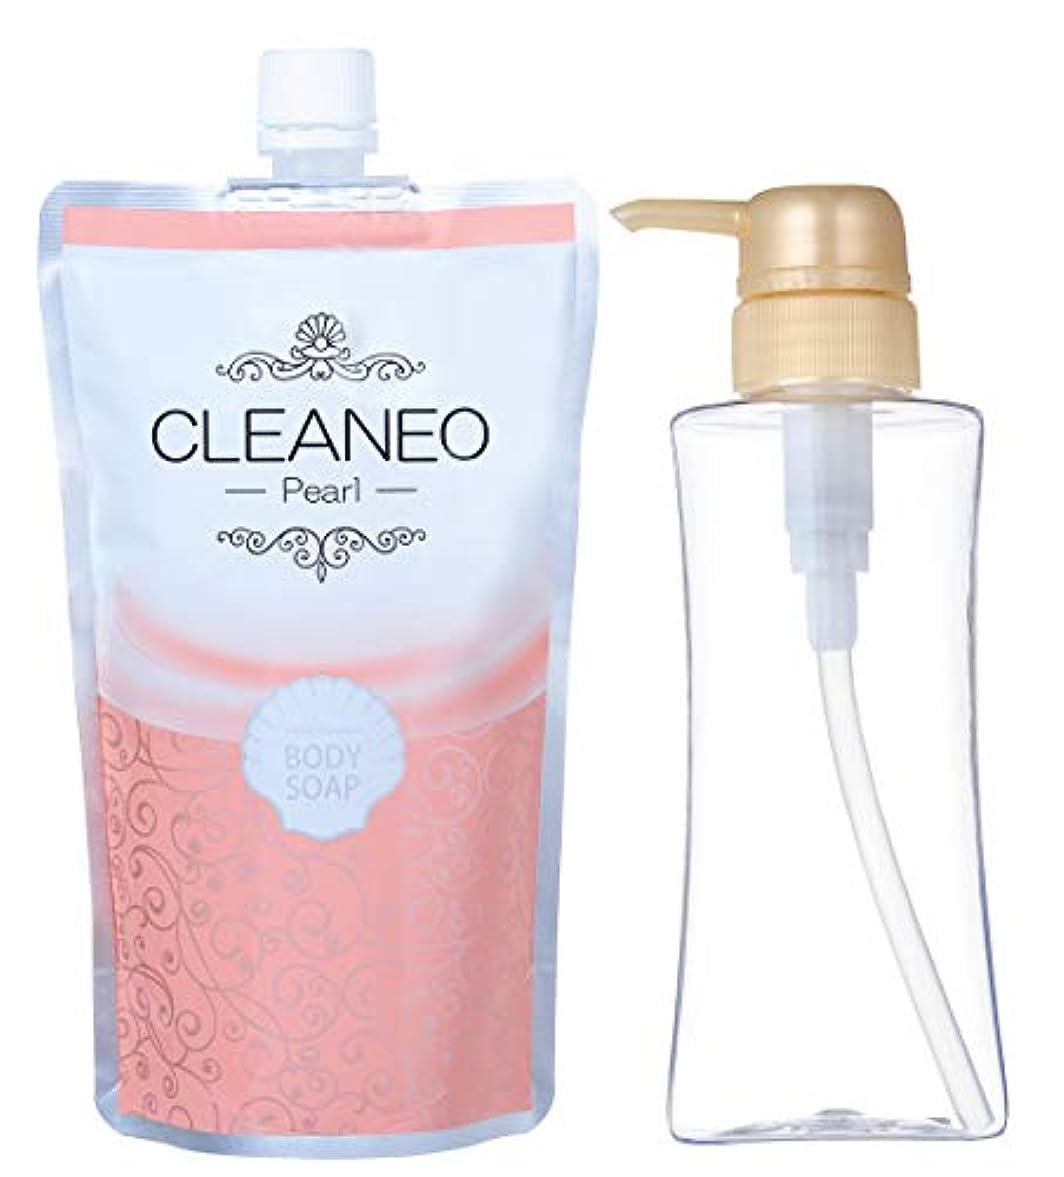 抗生物質話す群がるクリアネオ公式(CLEANEO) パール オーガニックボディソープ?透明感のある美肌へ(詰替300ml+専用ボトルセット)